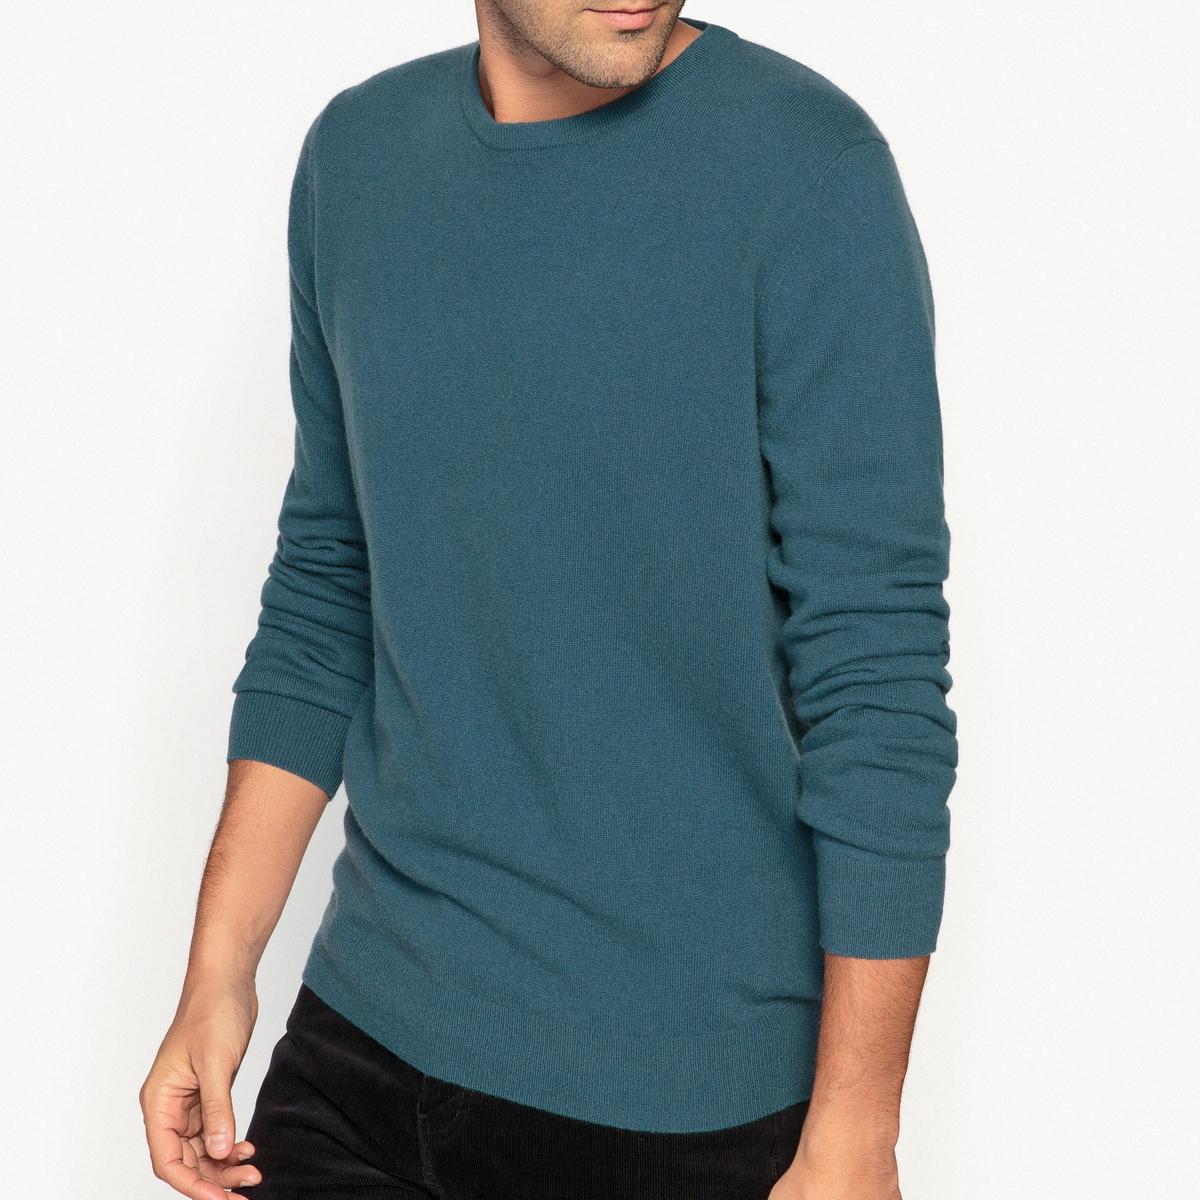 Пуловер с круглым вырезом, 100% кашемираПуловер с длинными рукавами. Прямой покрой, круглый вырез. Края выреза, низа и рукавов связаны трикотажной резинкой.                                                                   Состав и описание:                                                      Материал:  100% кашемировой шерсти                                                      Марка: R essentiel.<br><br>Цвет: сине-зеленый<br>Размер: S